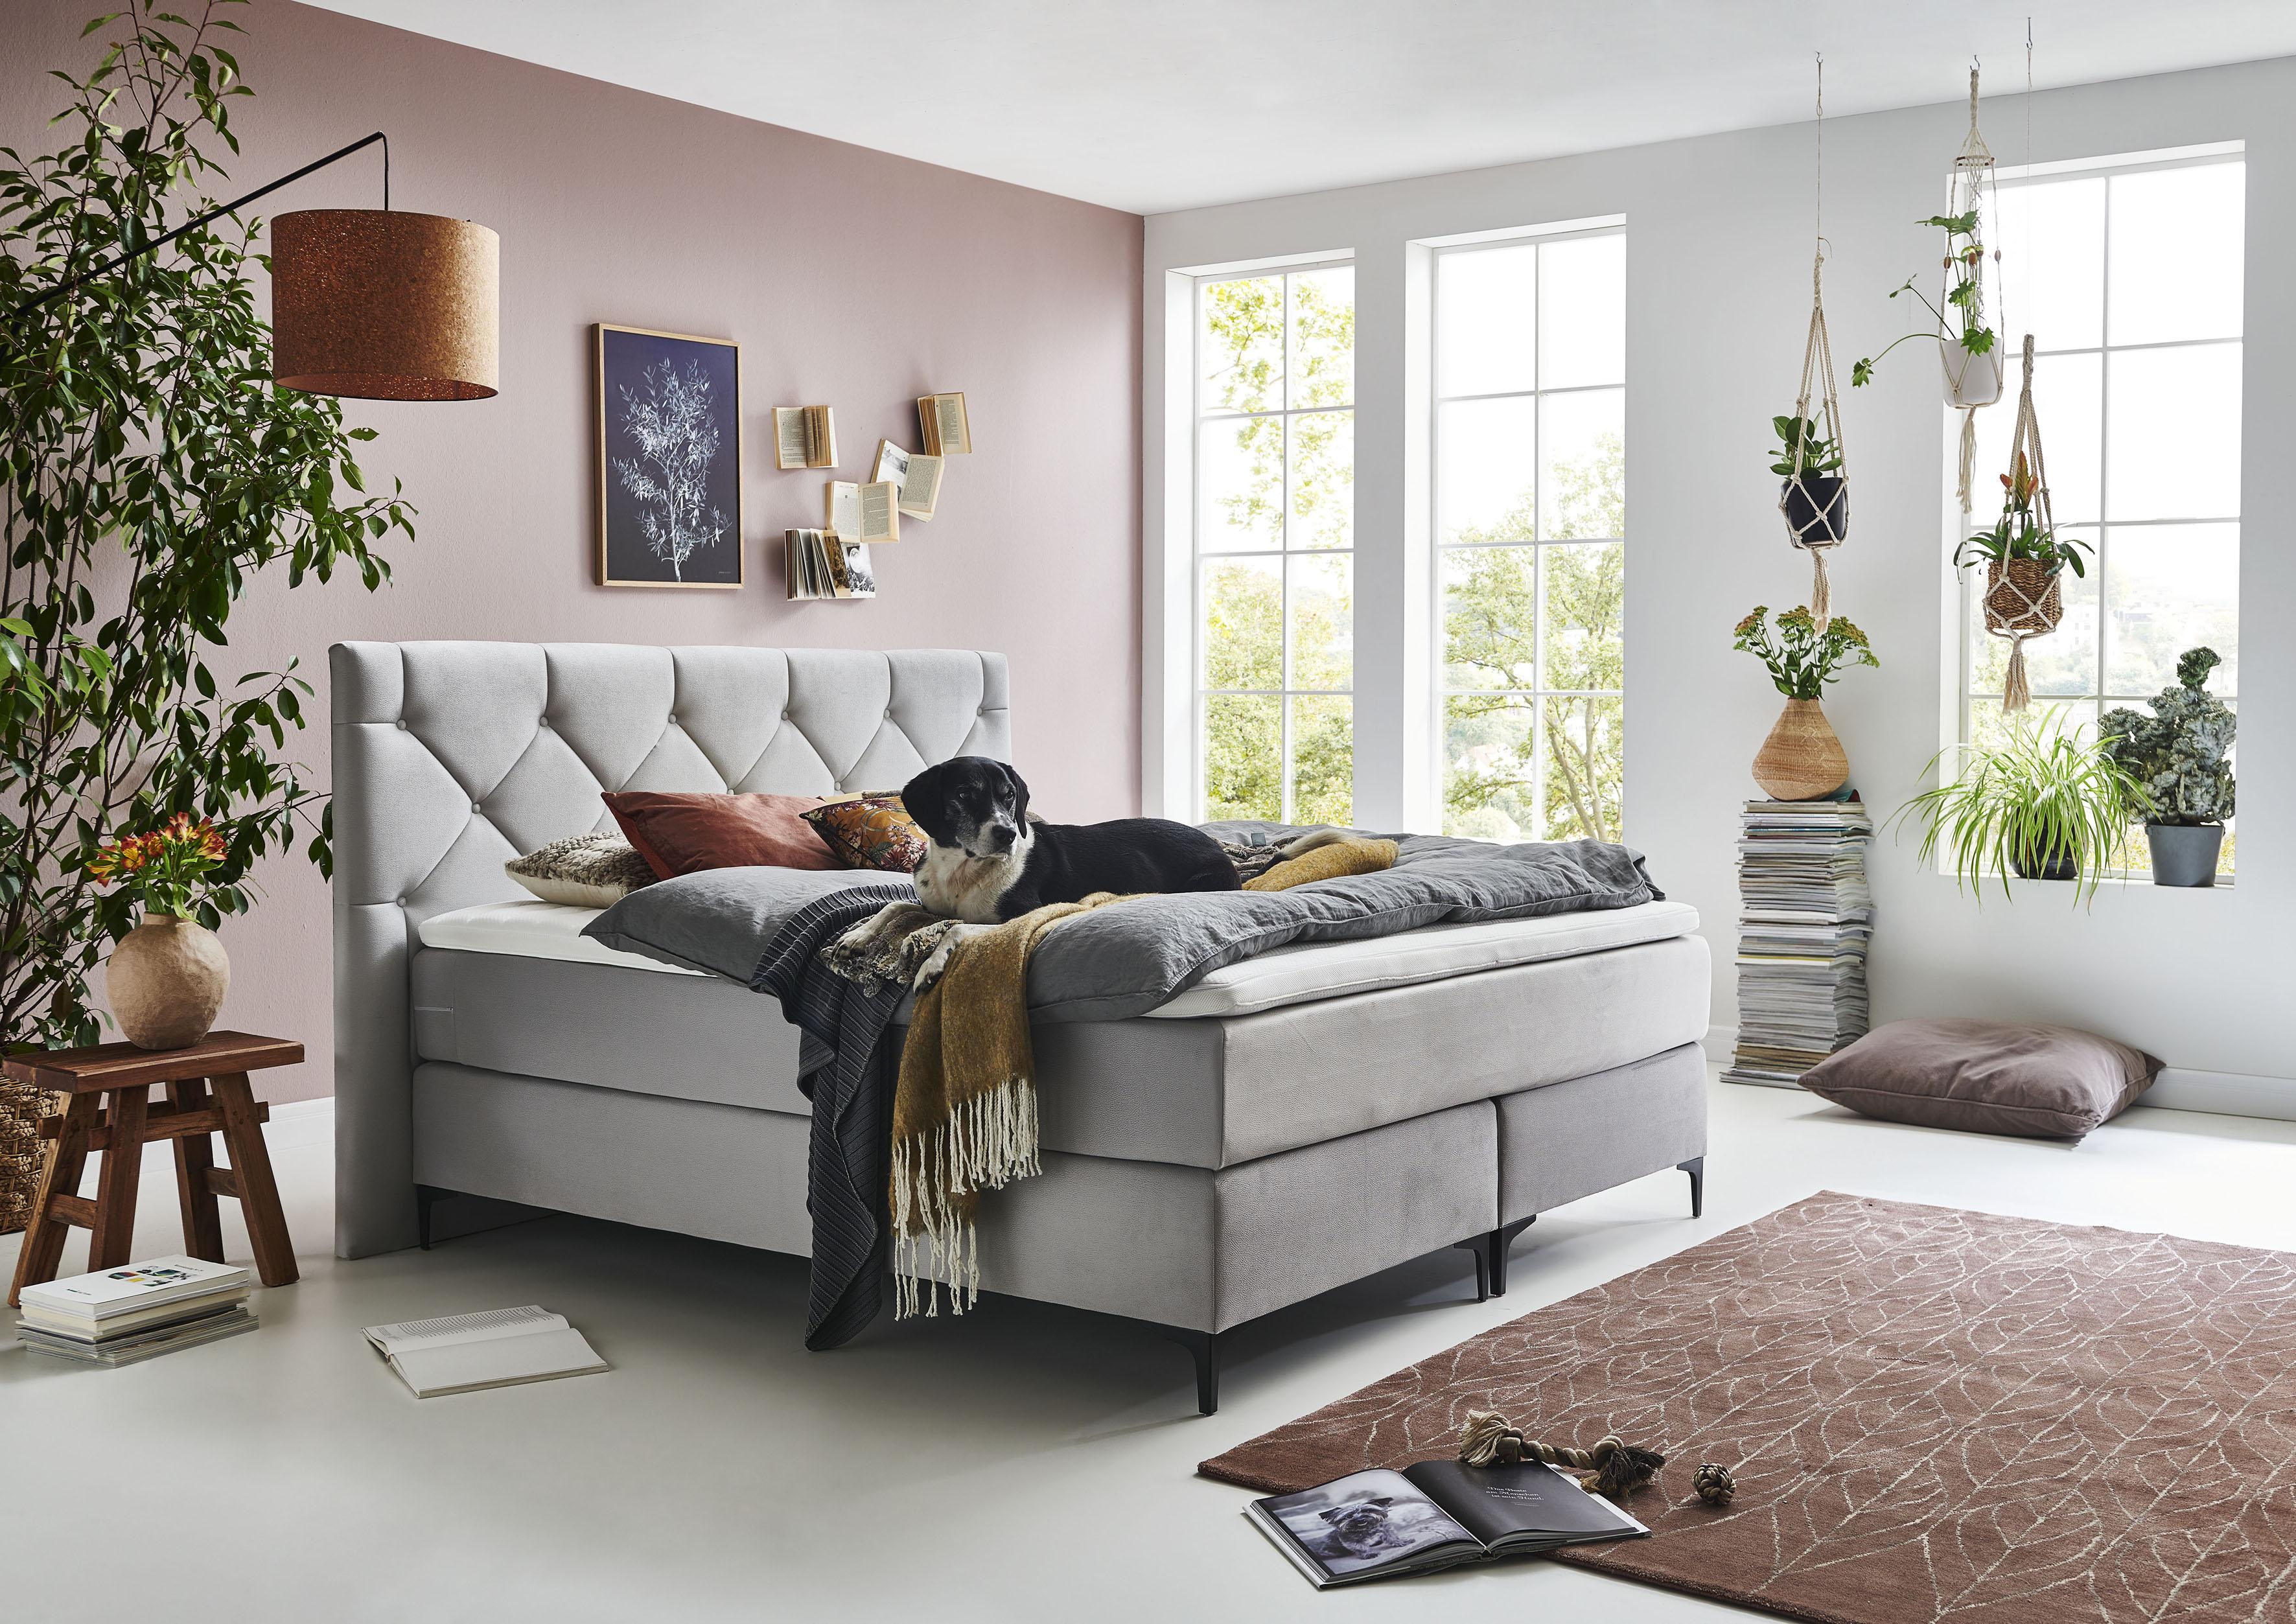 Premium collection by Home affaire Boxspringbett Aiko, 100% vegan, mit tier günstig online kaufen